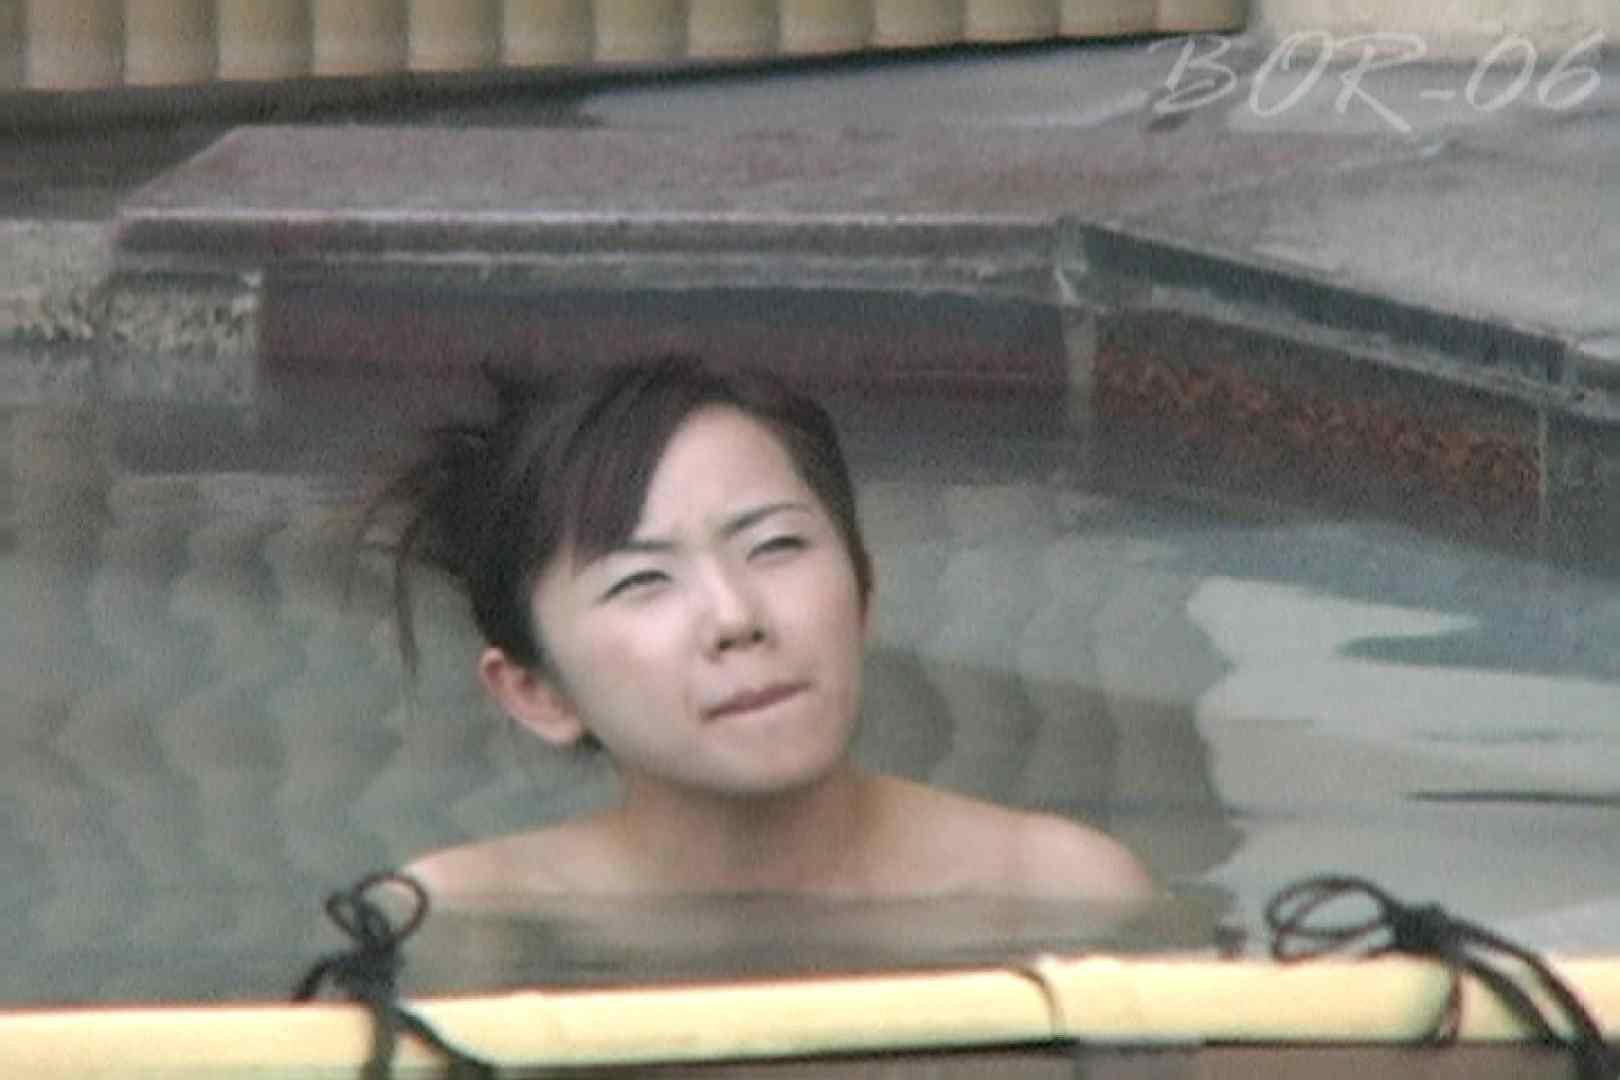 Aquaな露天風呂Vol.521 OLハメ撮り  71Pix 34